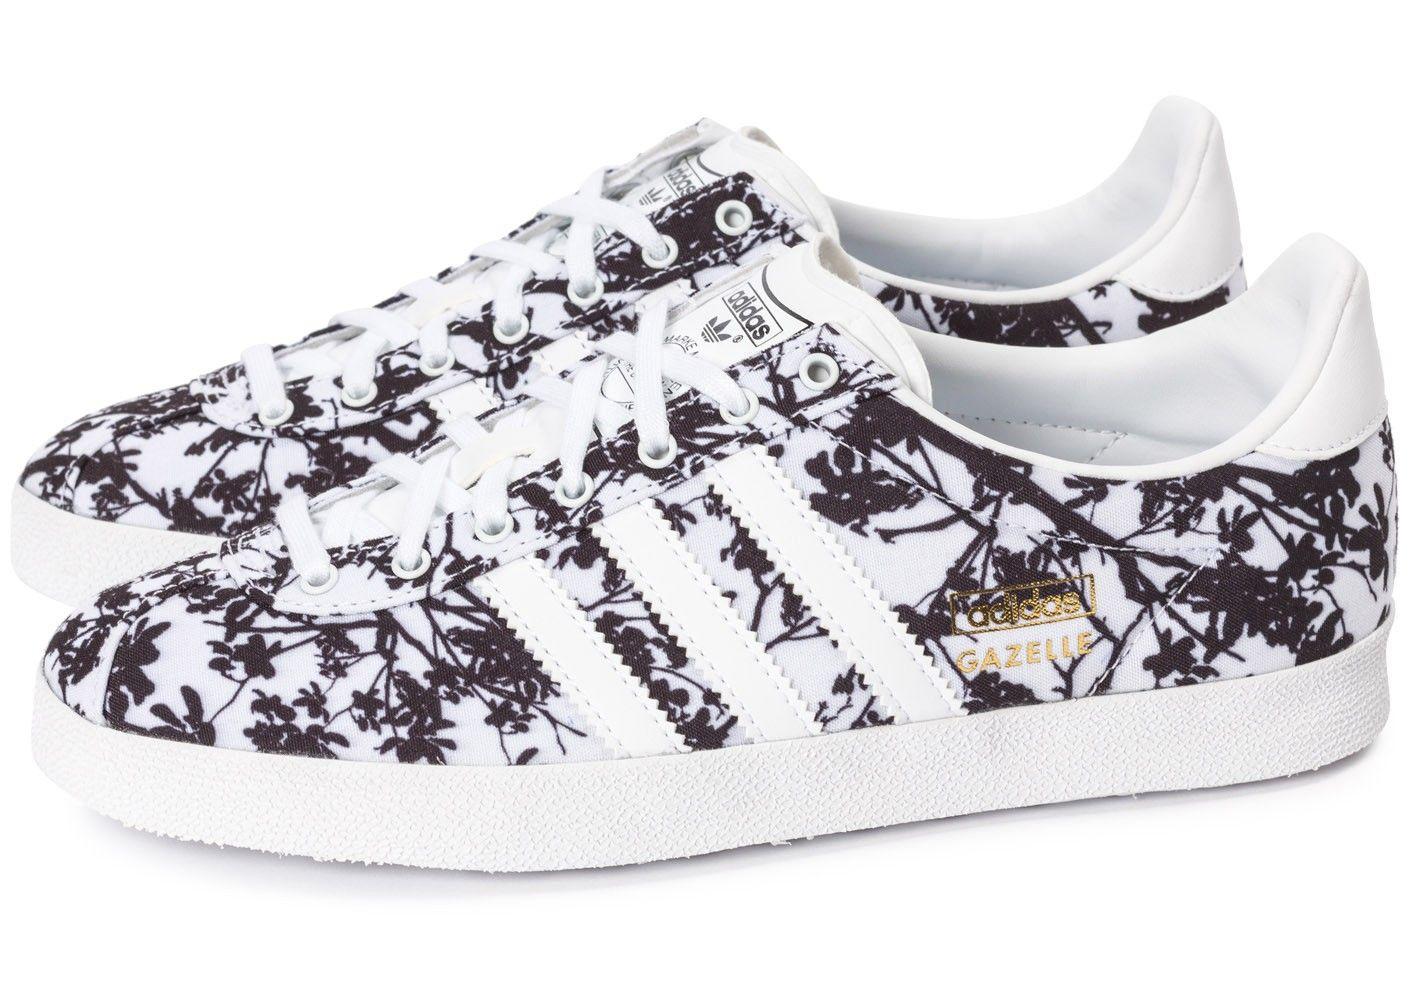 Chaussures adidas Gazelle Og Floral blanche et noire vue